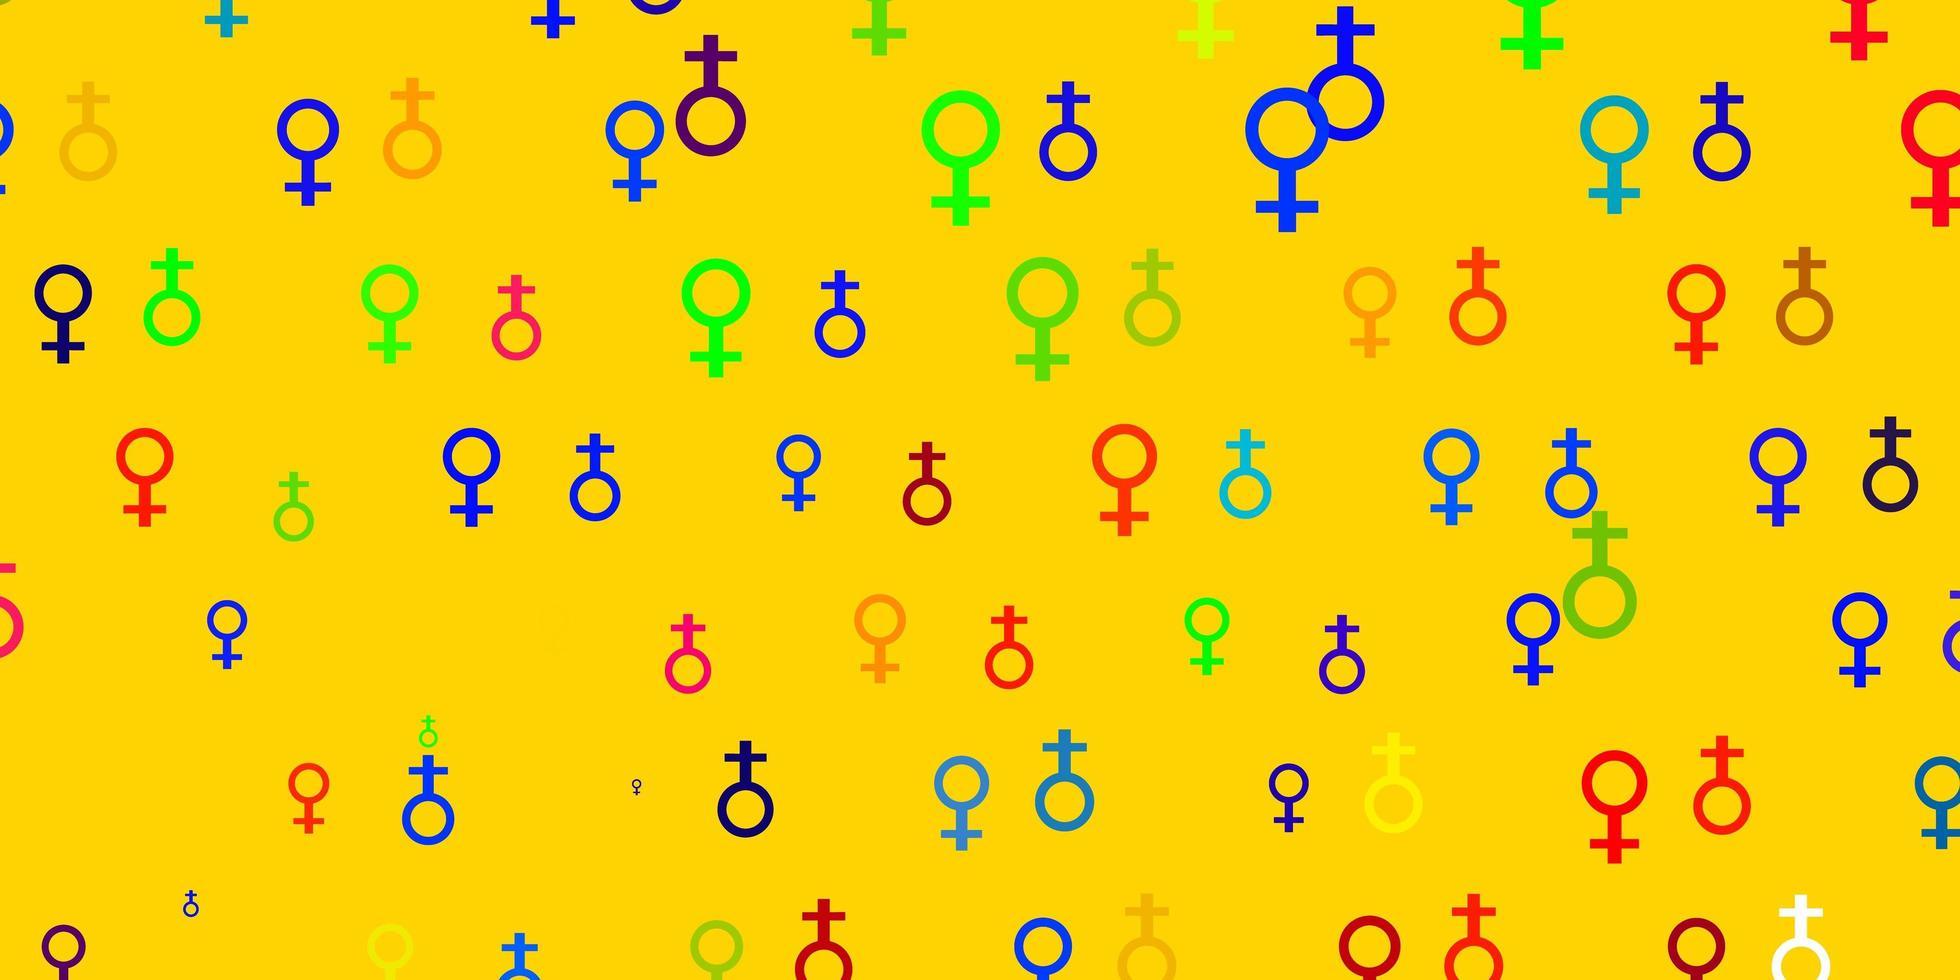 padrão multicolor com elementos do feminismo. vetor